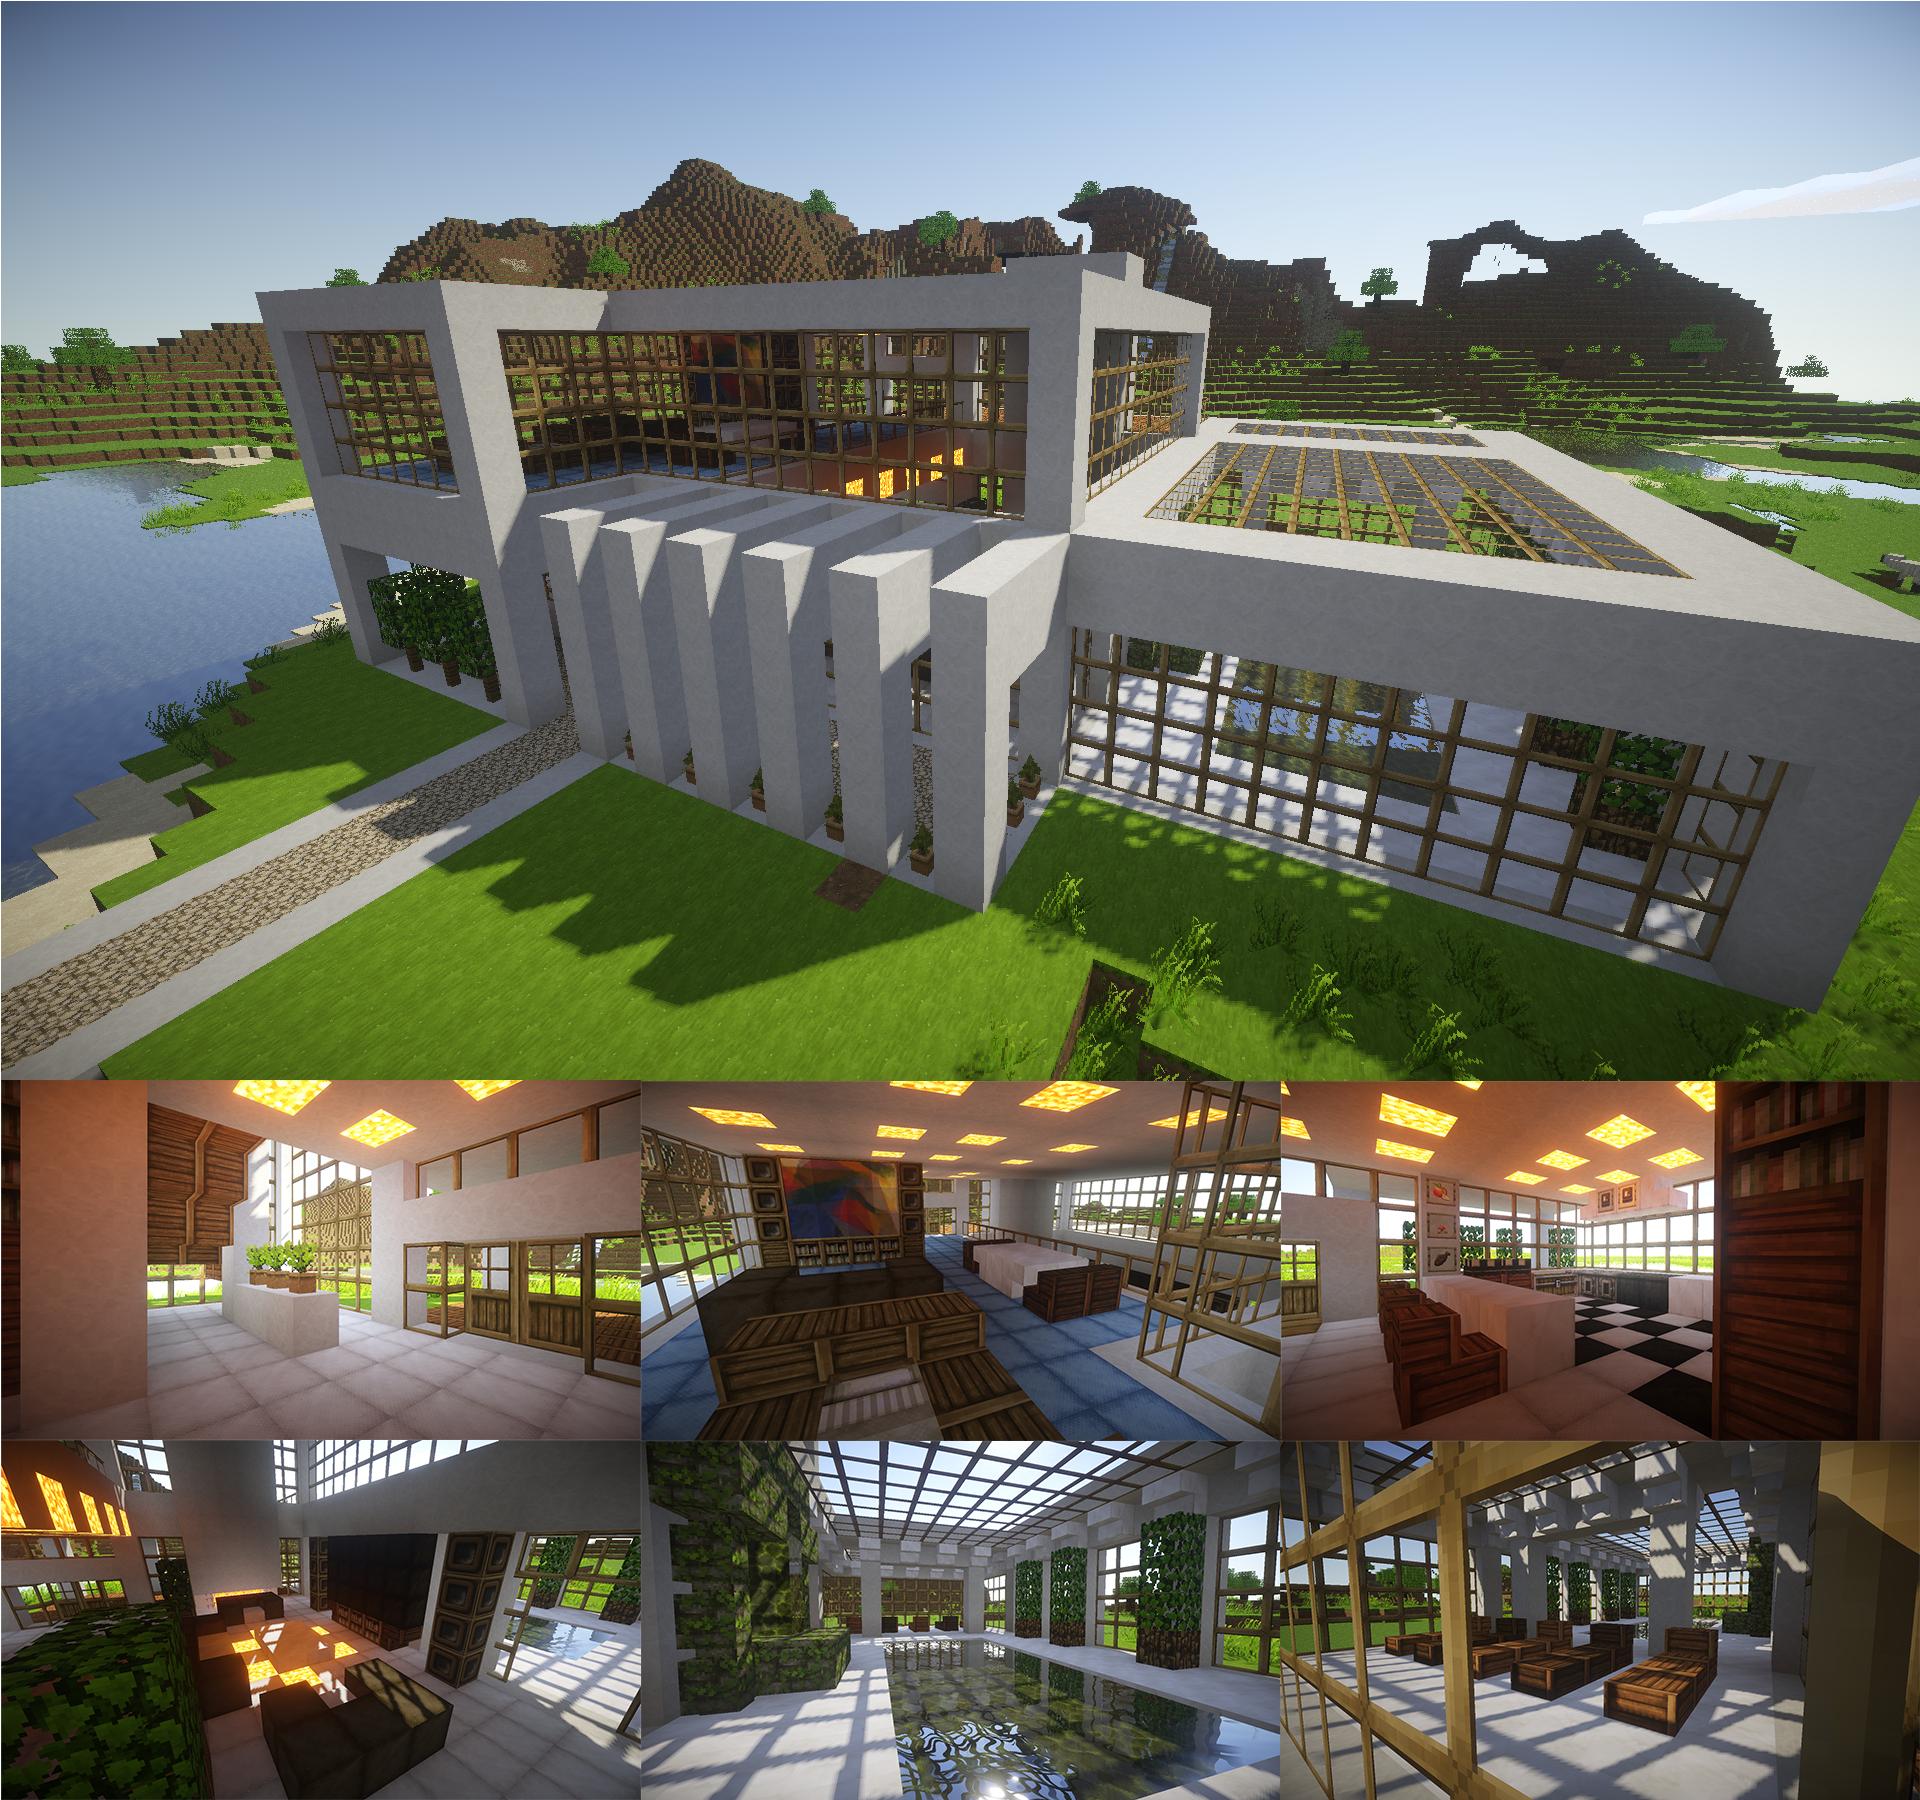 Minecraft Spielen Deutsch Minecraft House Map Download Bild - Minecraft school spielen